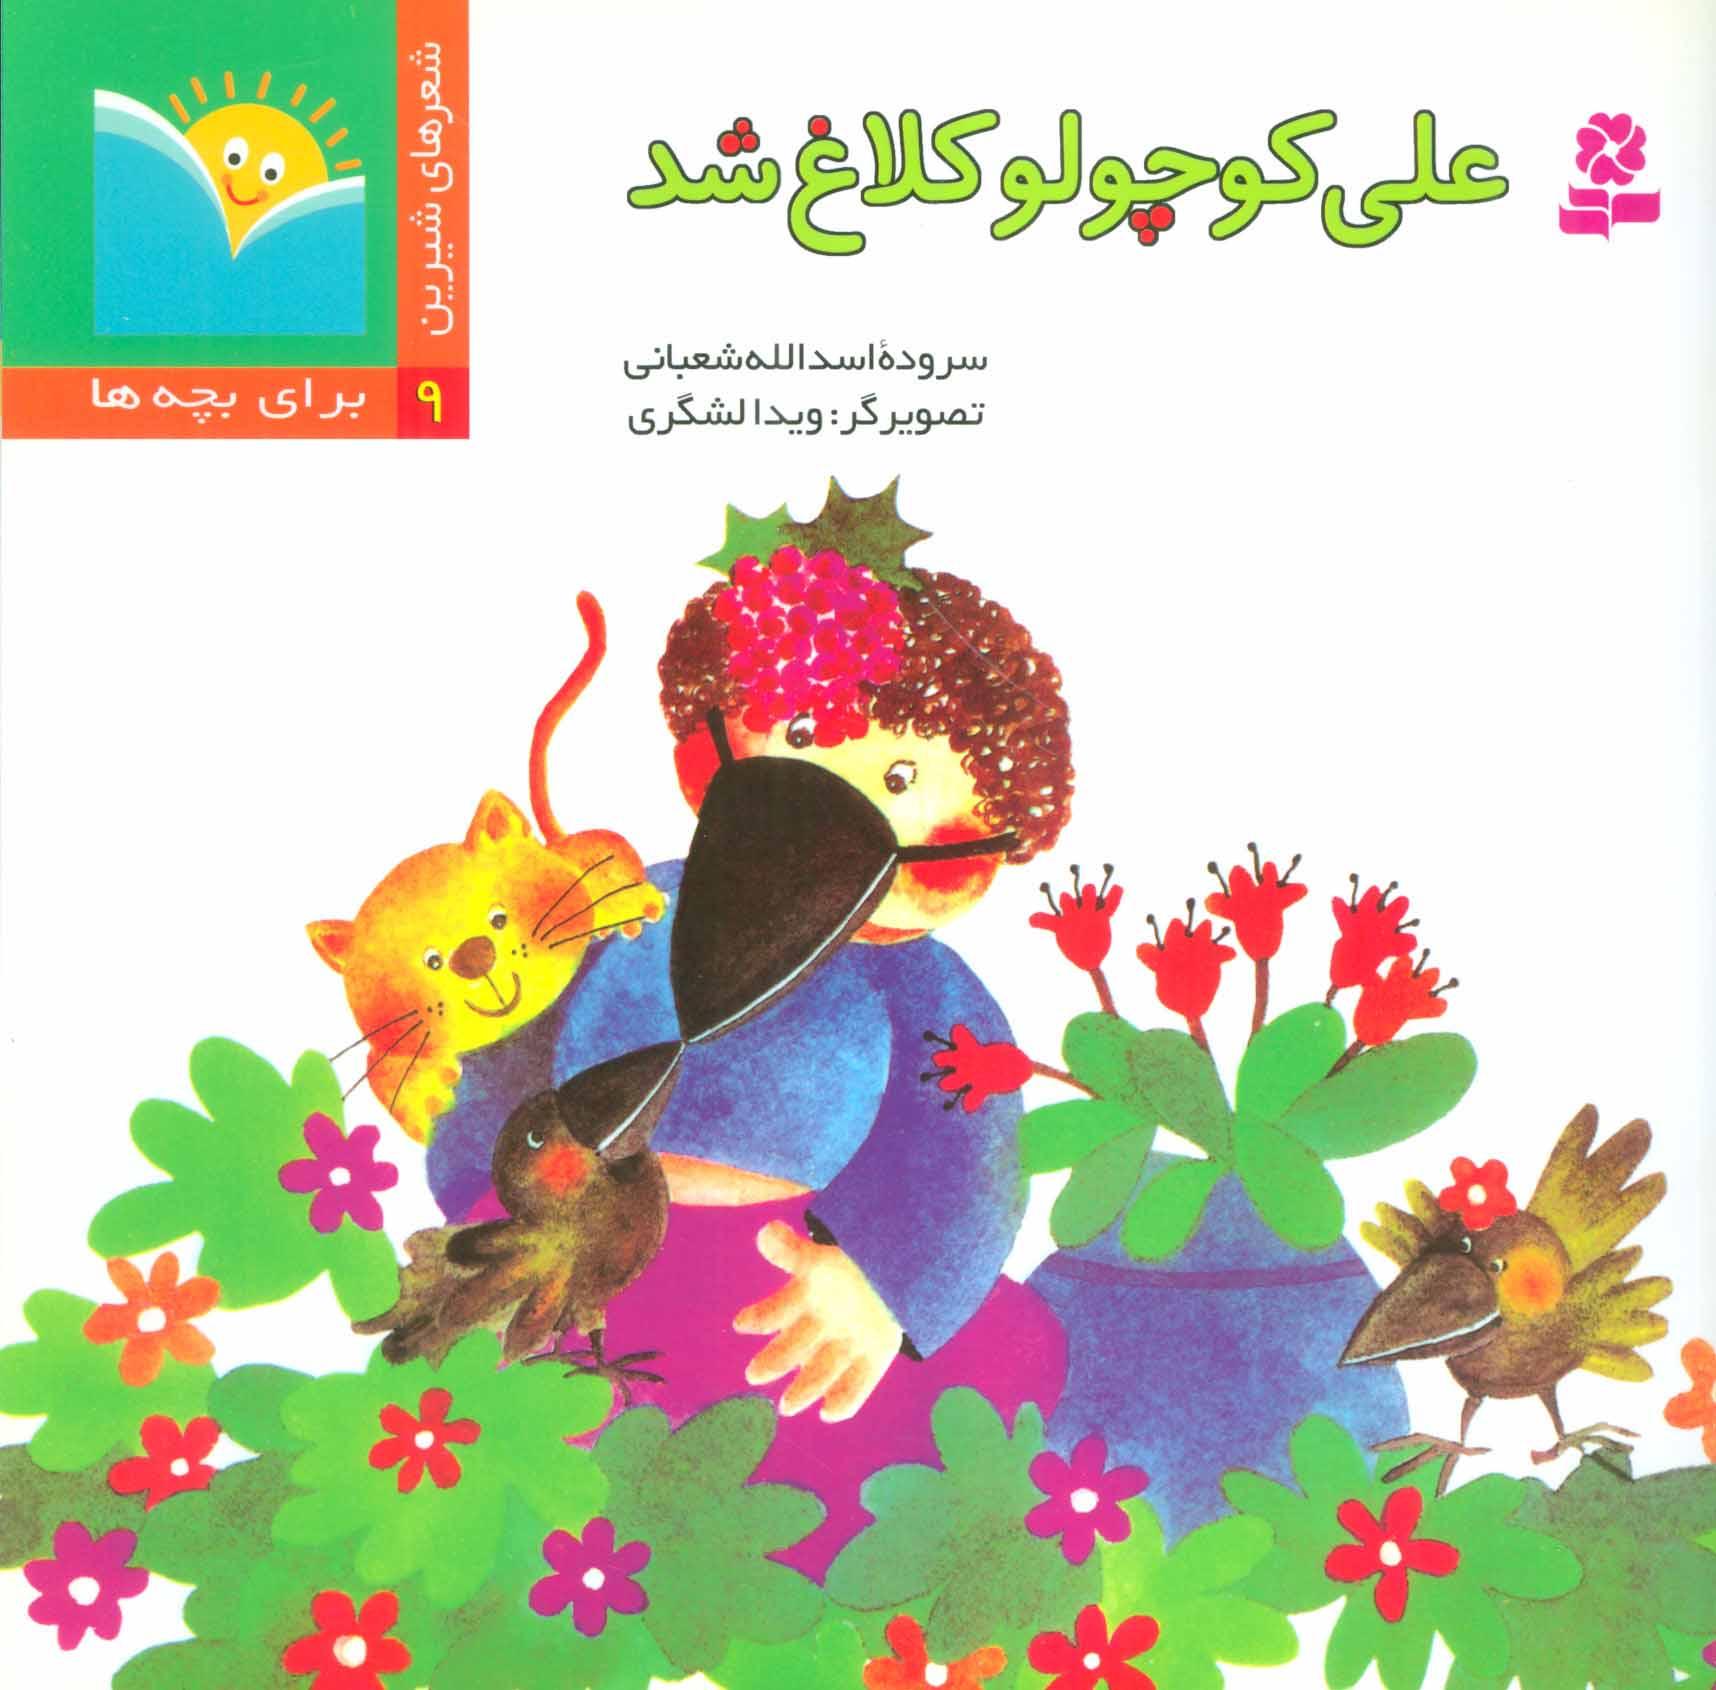 شعرهای شیرین برای بچه ها 9 (علی کوچولو کلاغ شد)،(گلاسه)